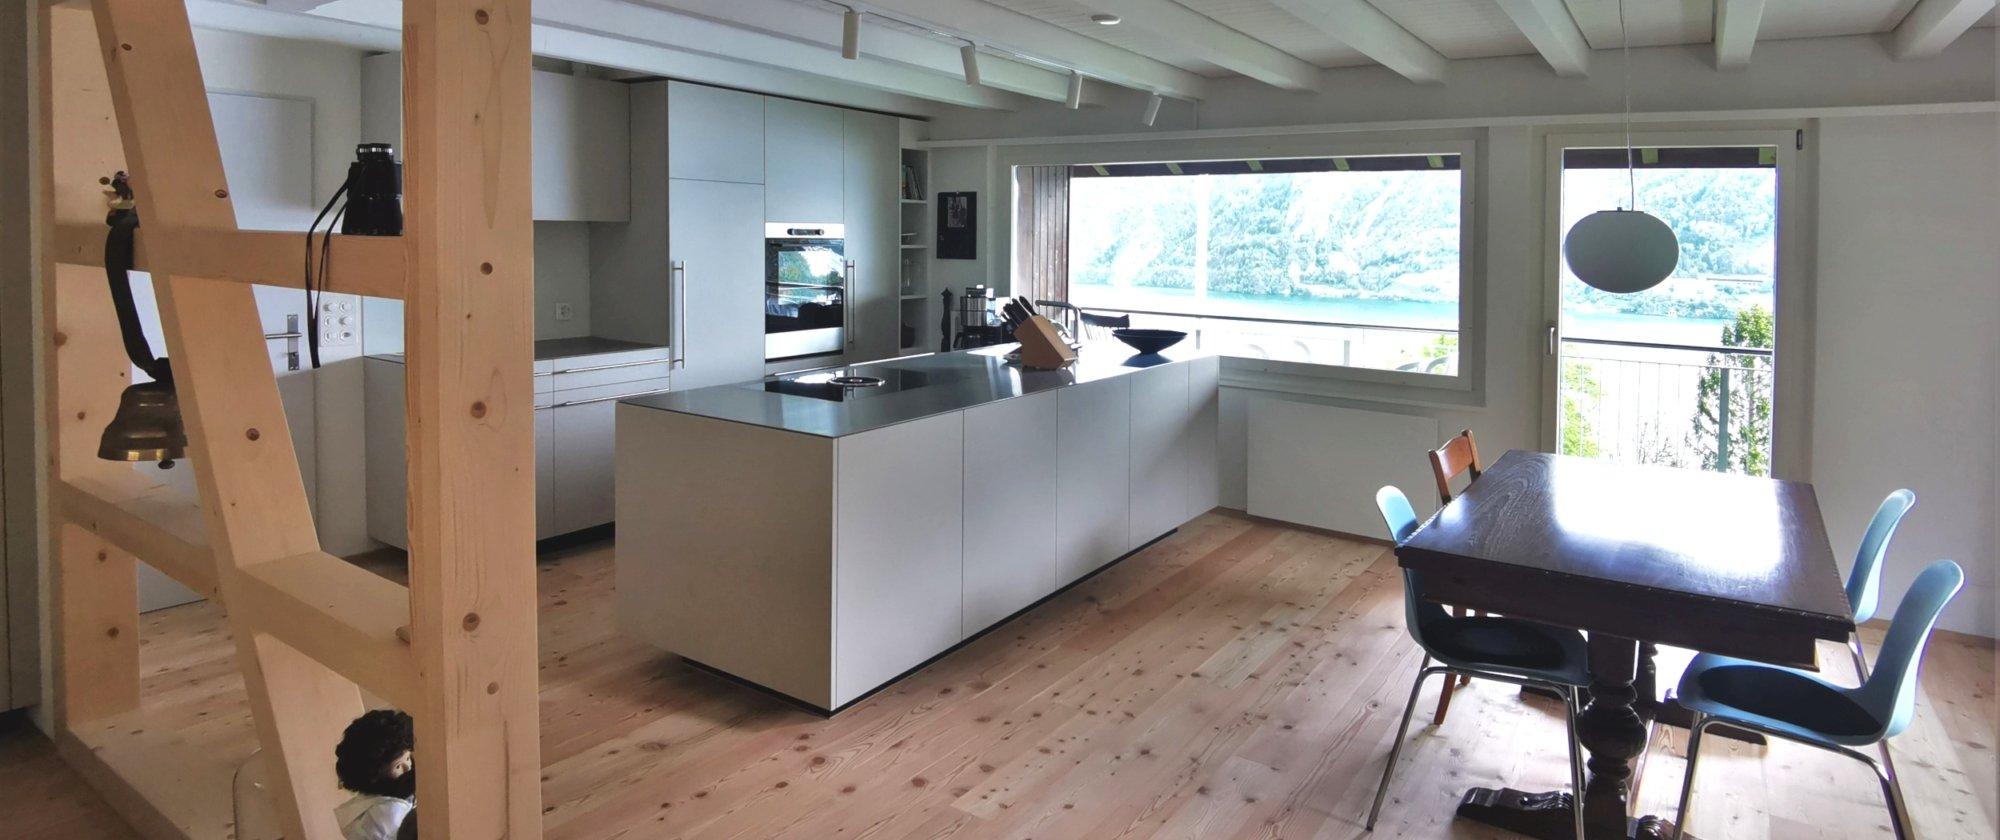 die neue Küche und die hell gestrichene Decke lässt den Raum grösser wirken